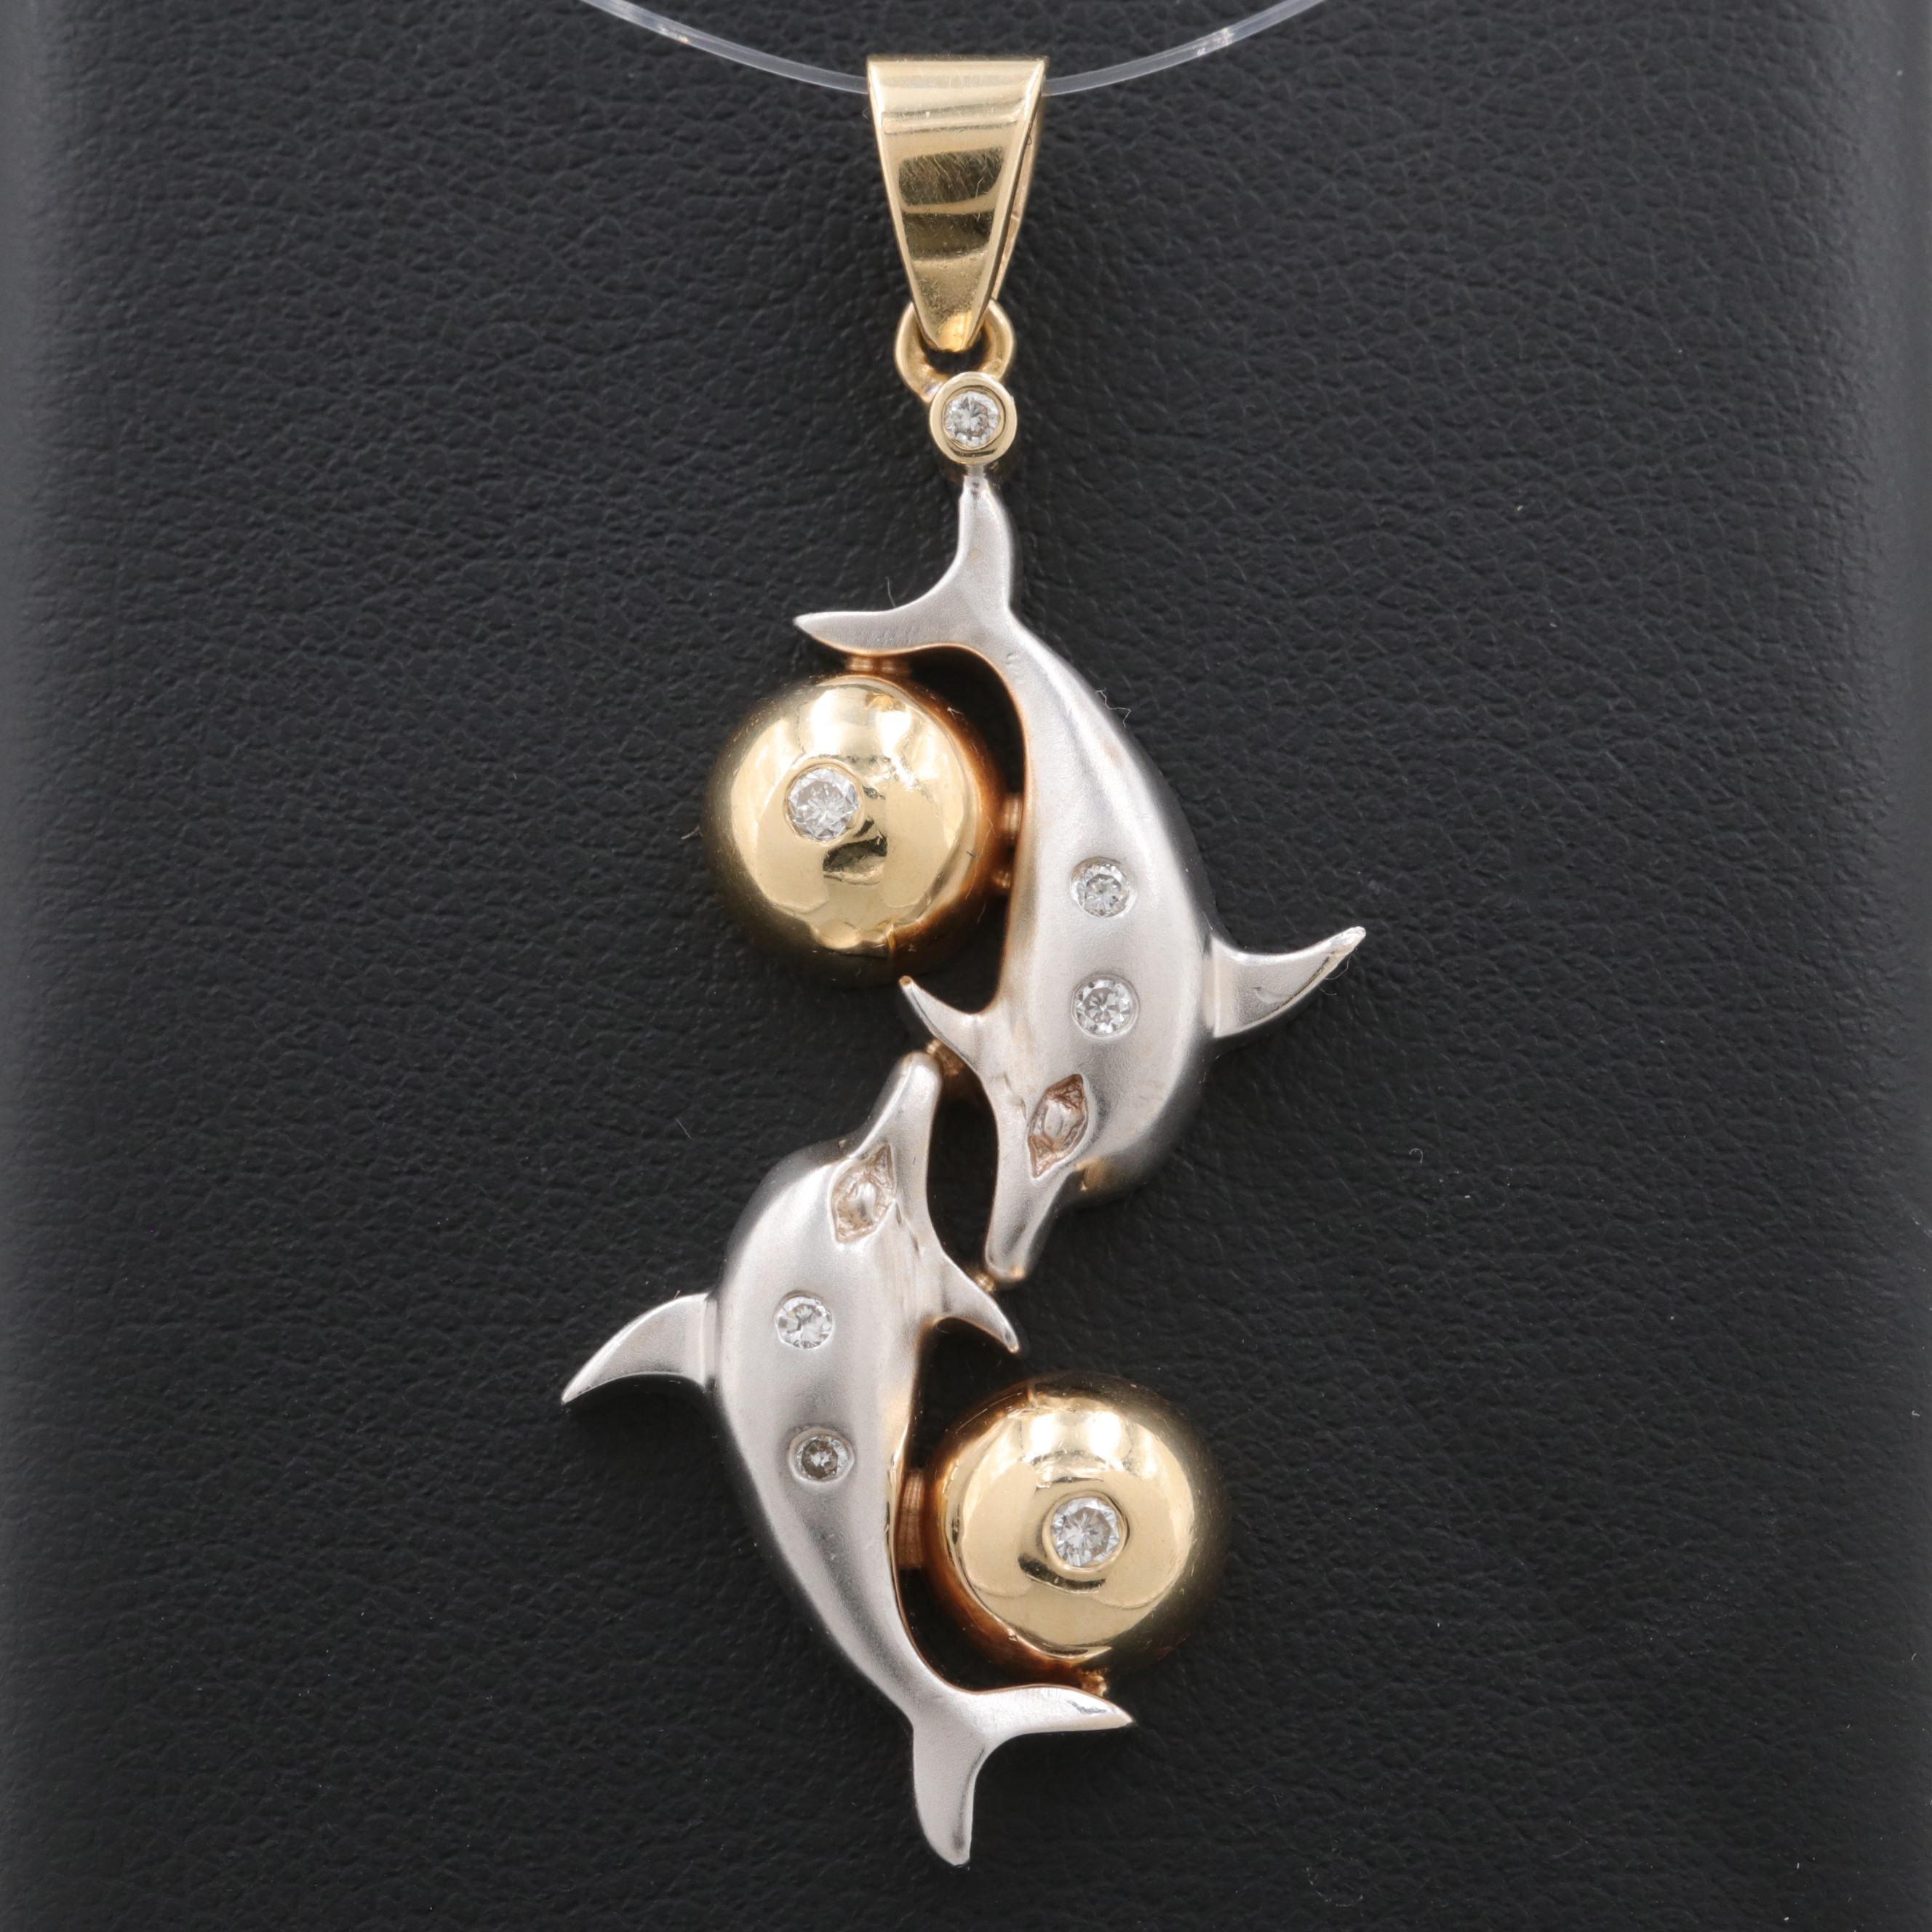 14K Yellow and White Gold Diamond Dolphin Pendant